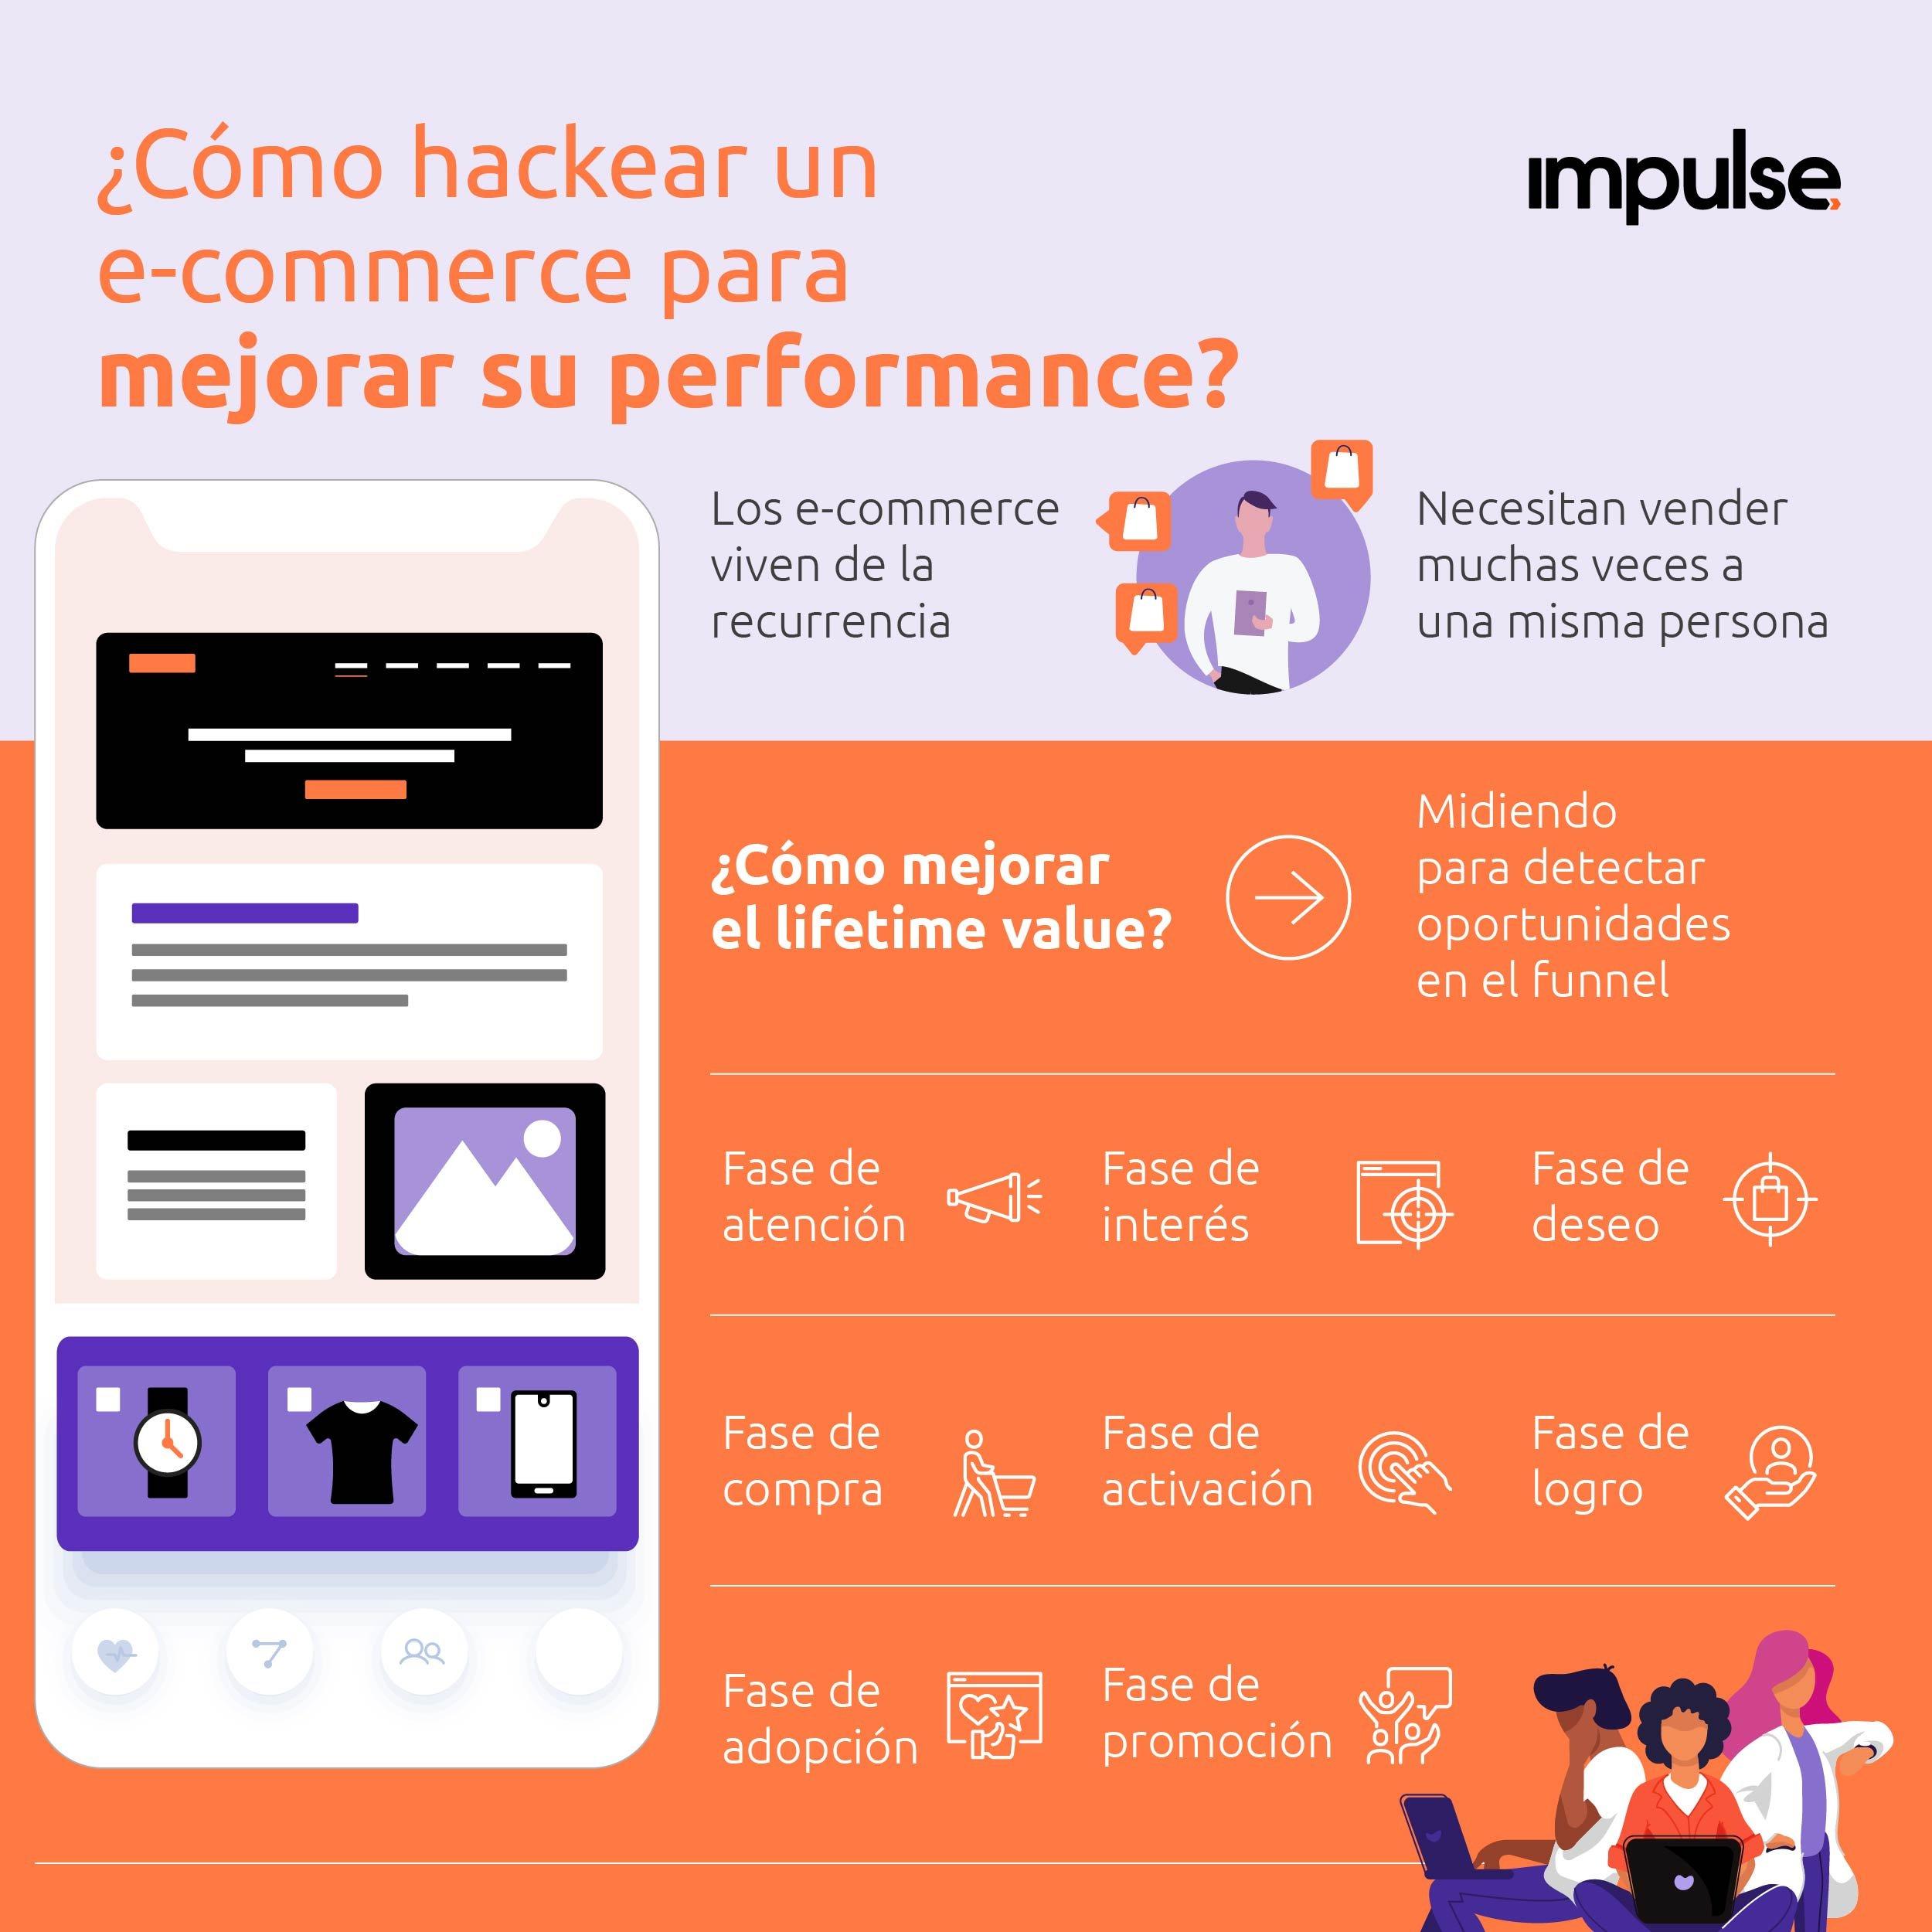 infografia las 8 fases para mejorar la performance de un ecommerce